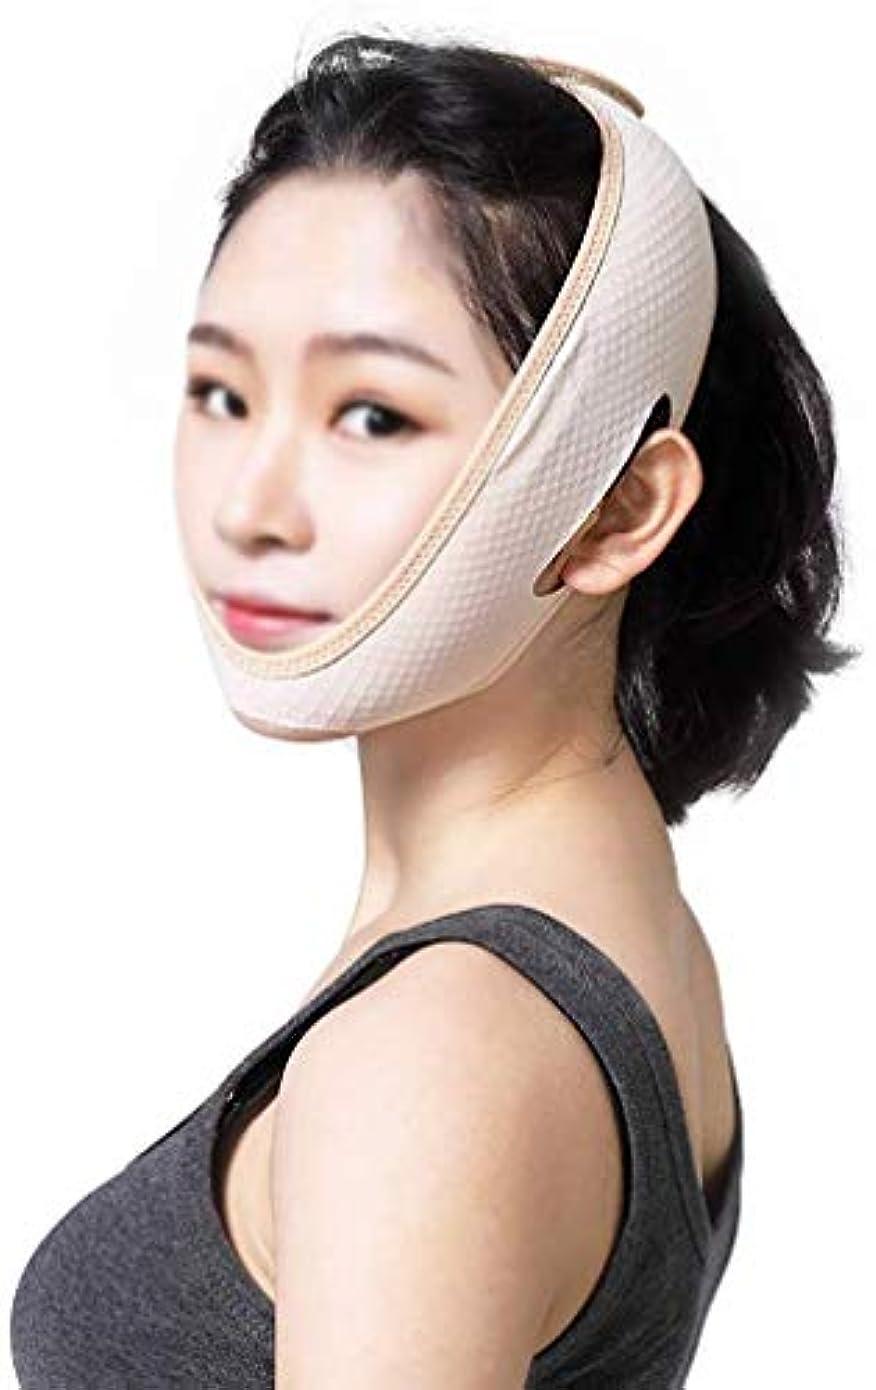 転送努力する修正する美容と実用的な医療美容ラインカービング術後回復マスクV顔リフティングタイトヘッドギアチンチンバンデージシンフェイスインストゥルメントアーティファクト